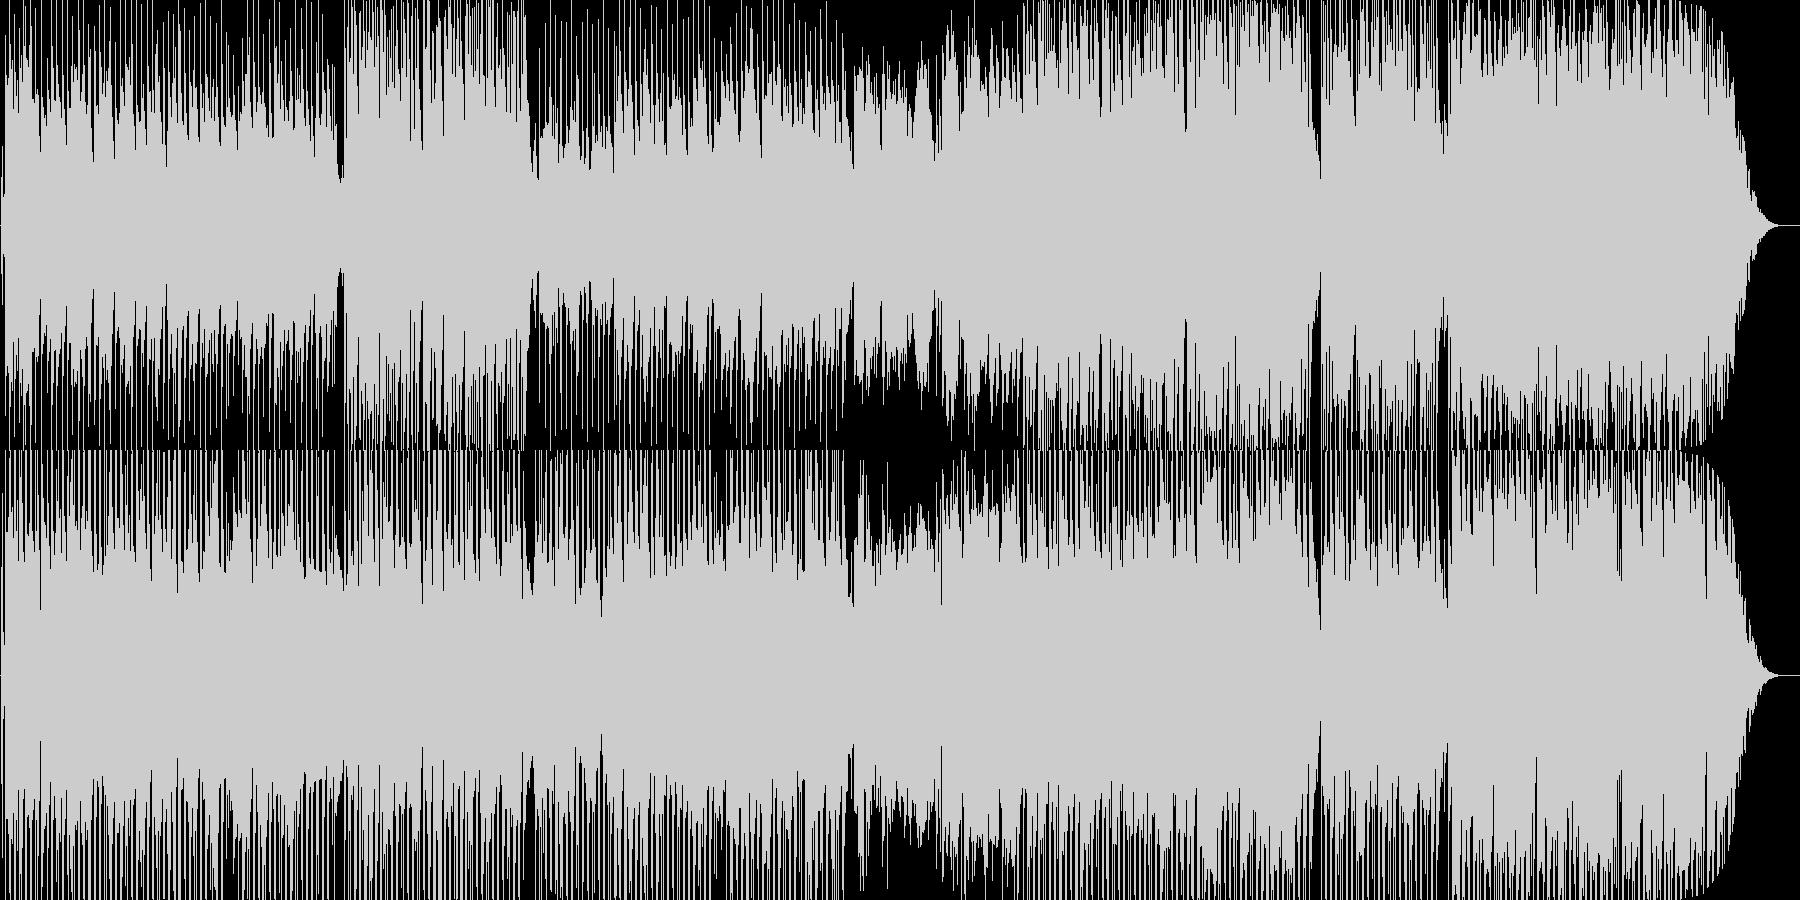 哀愁漂うボサノバ調の楽曲ですの未再生の波形